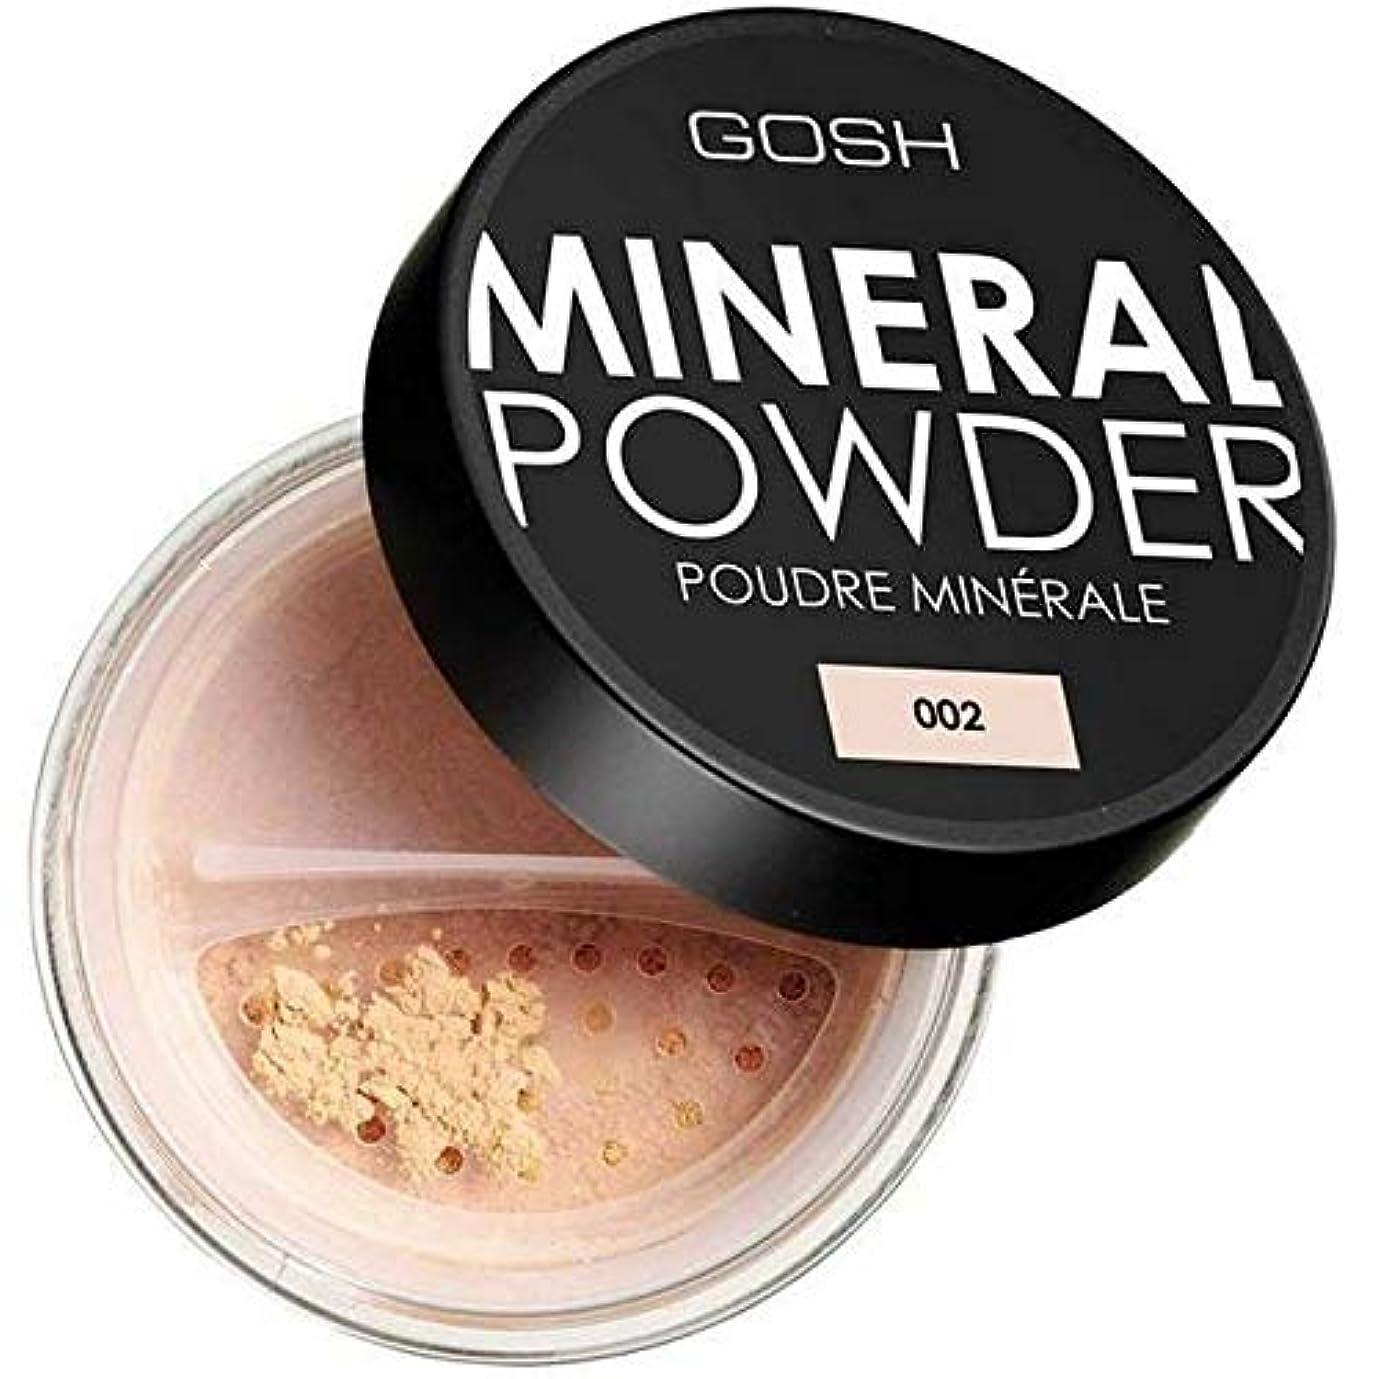 検索虐殺幸福[GOSH ] おやっミネラルフルカバーファンデーションパウダーアイボリー002 - GOSH Mineral Full Coverage Foundation Powder Ivory 002 [並行輸入品]